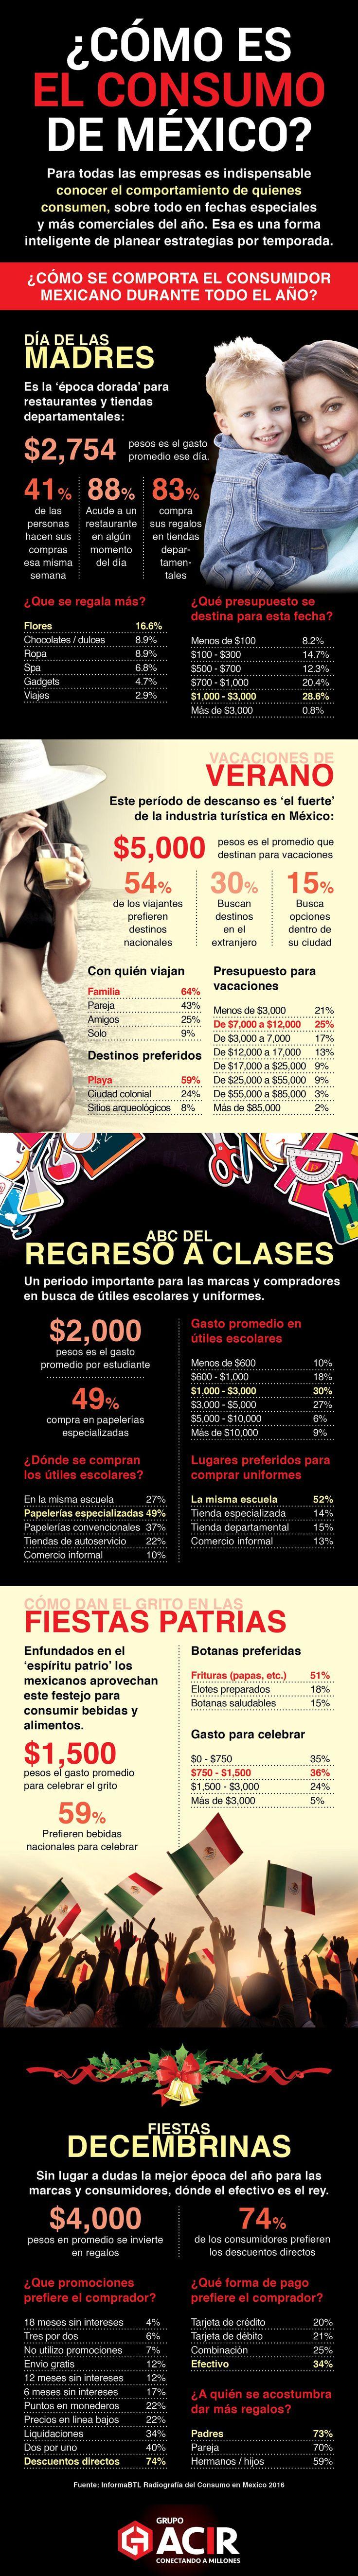 Cómo es el consumo en México #infografia